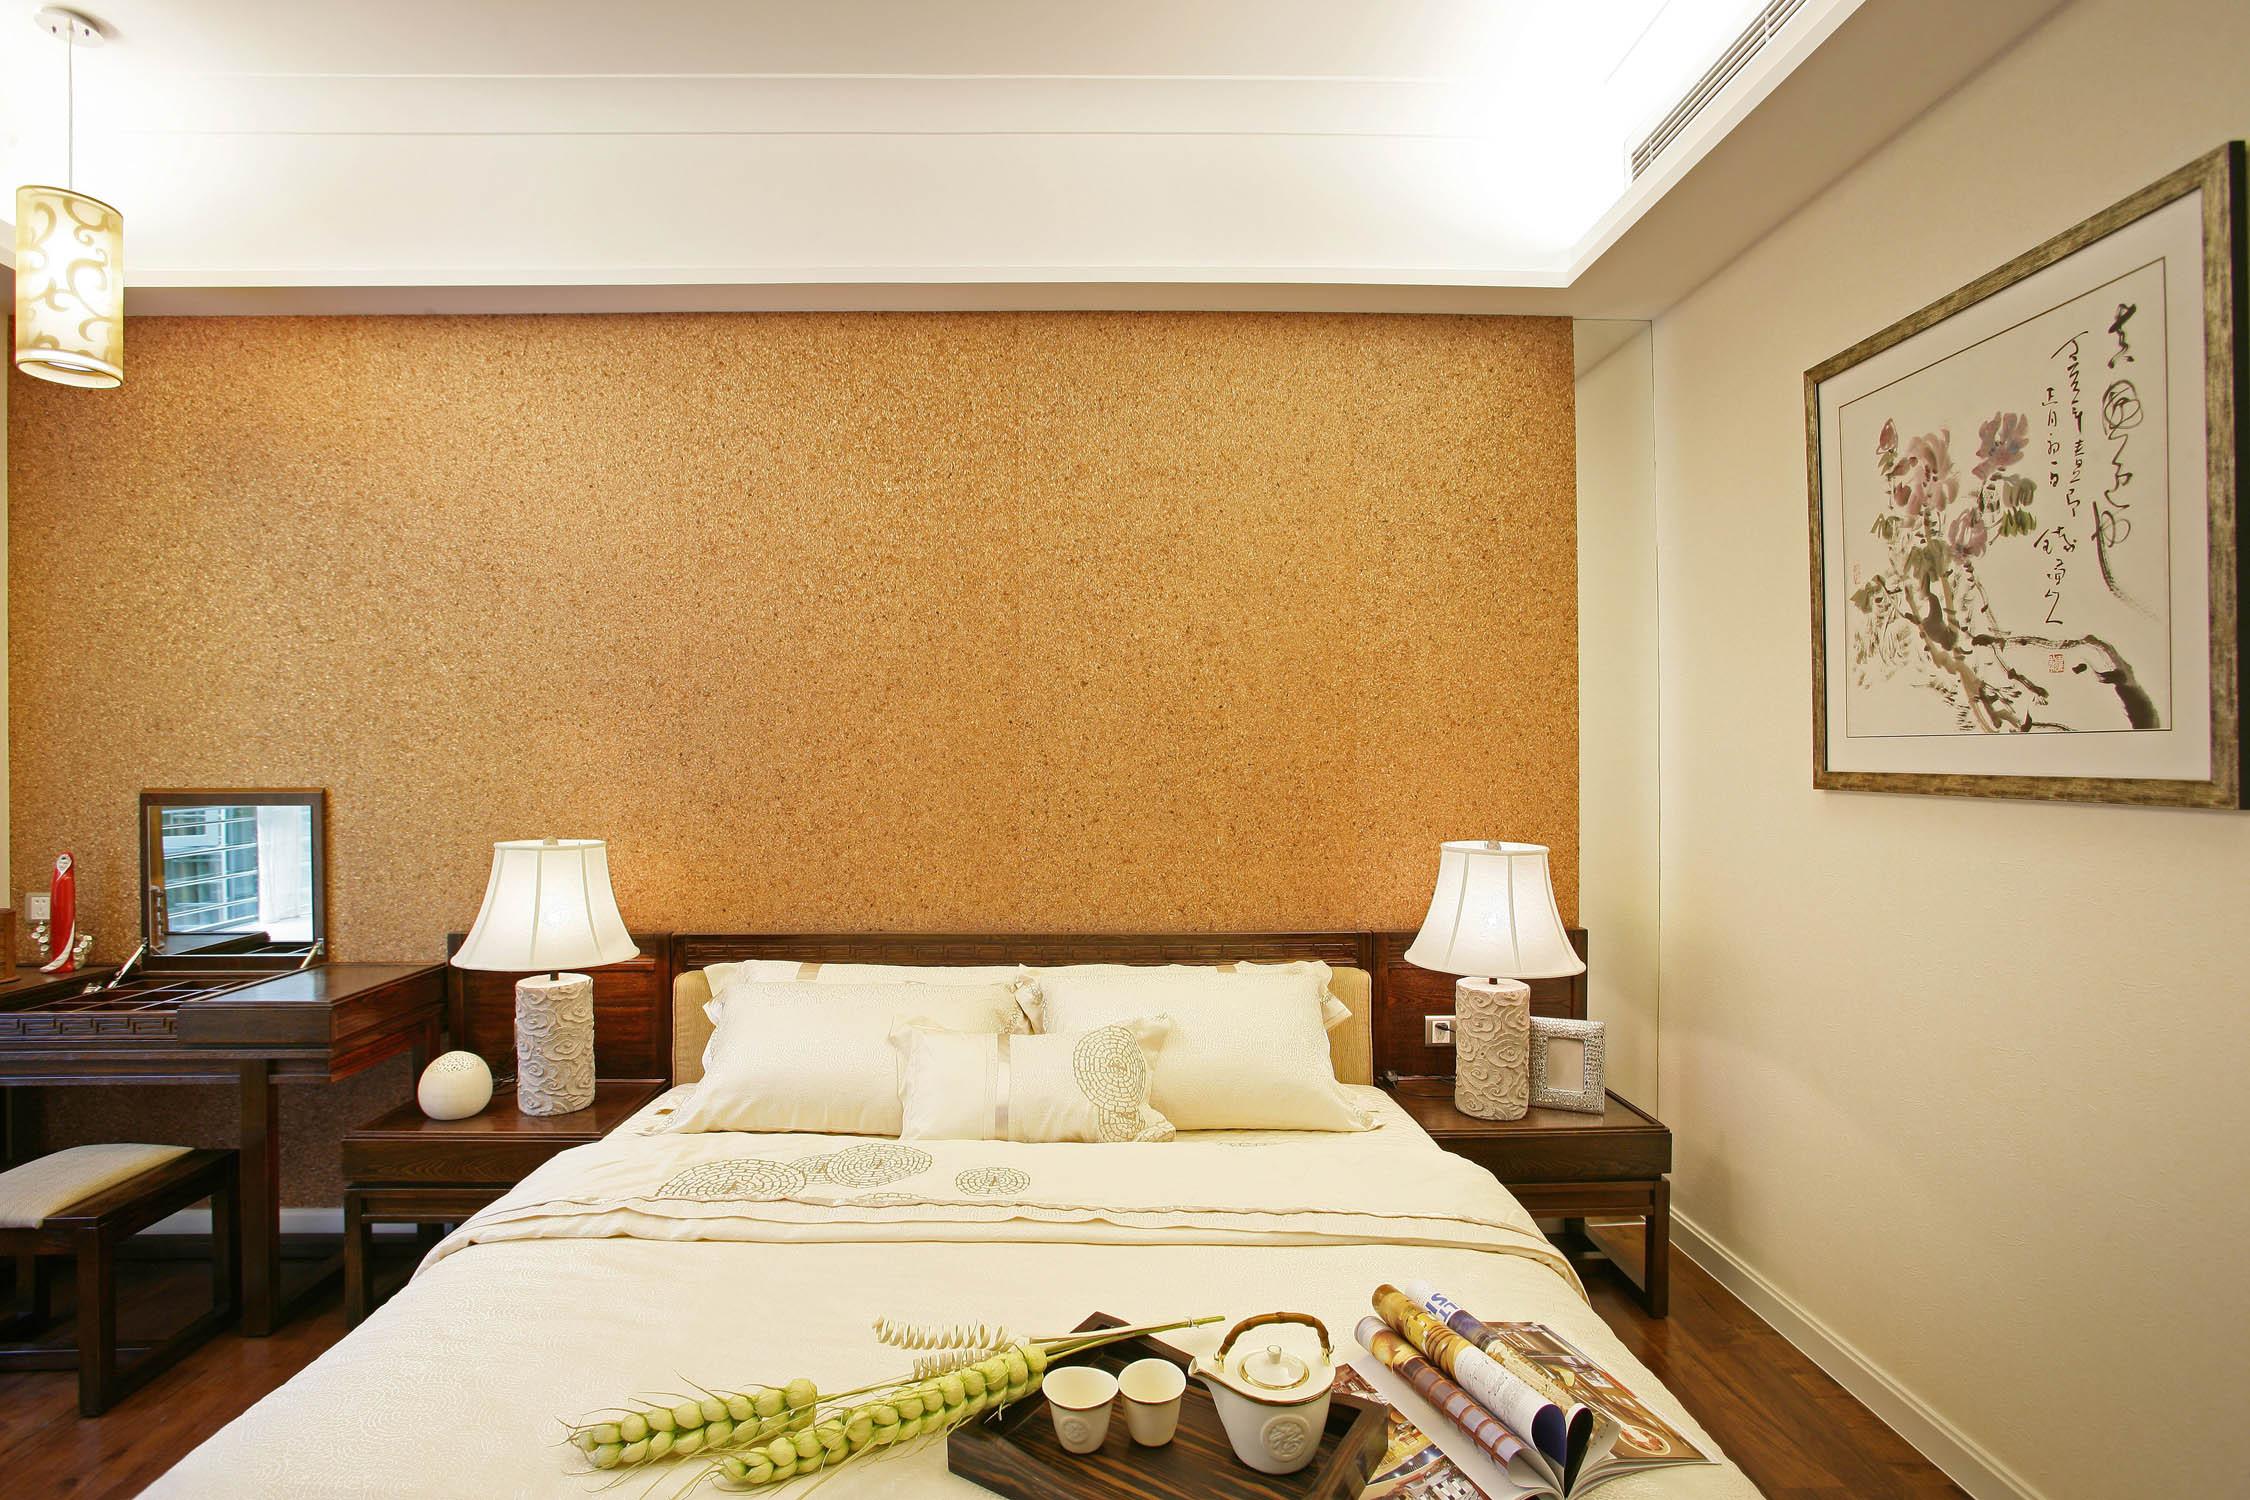 卧室卧室背景墙壁纸效果图